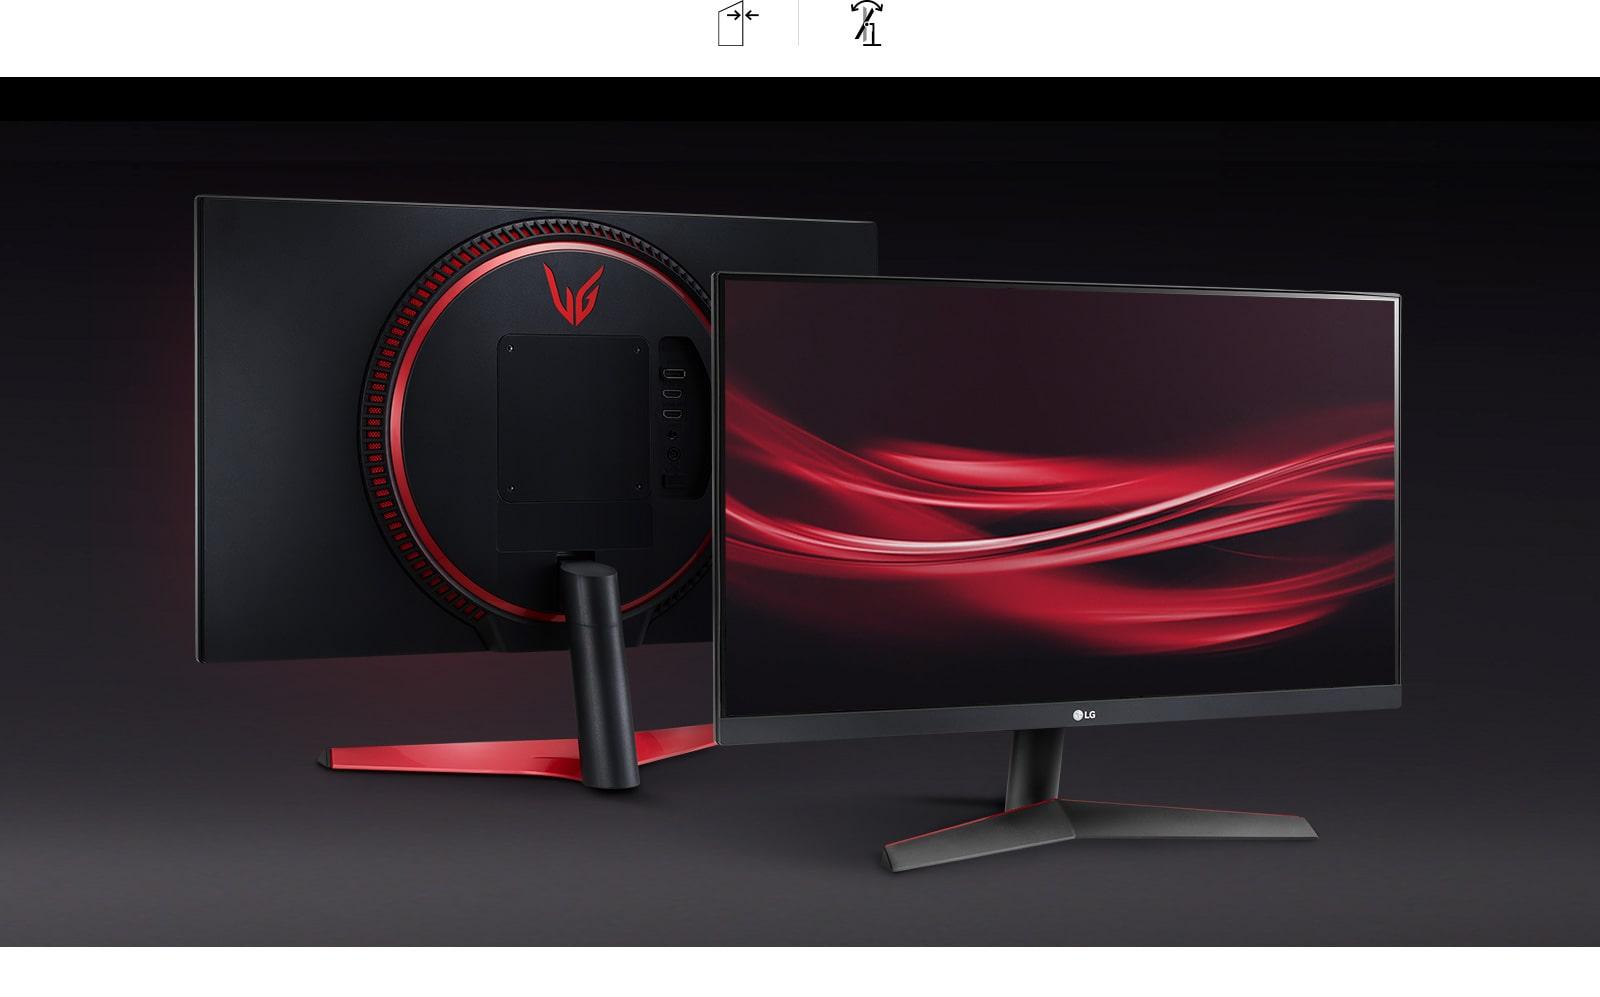 Monitor con un diseño elegante y prácticamente sin bordes con un soporte con inclinación ajustable